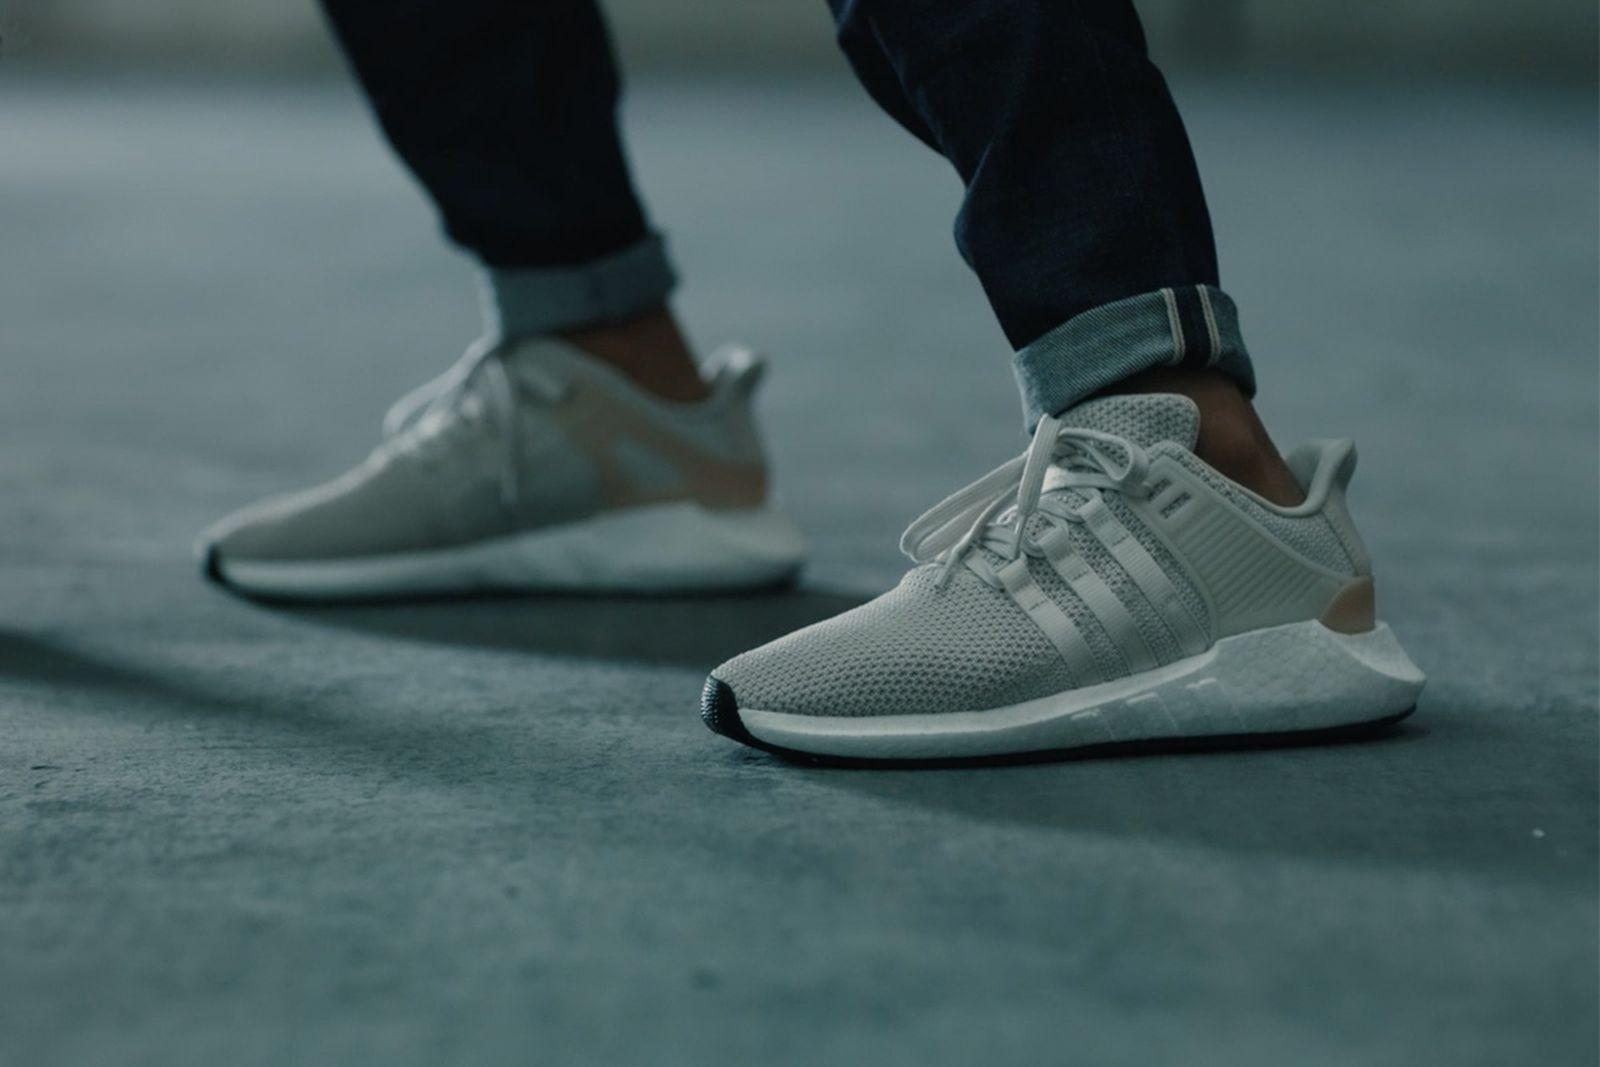 adidas-originals-eqt-foot-locker-04